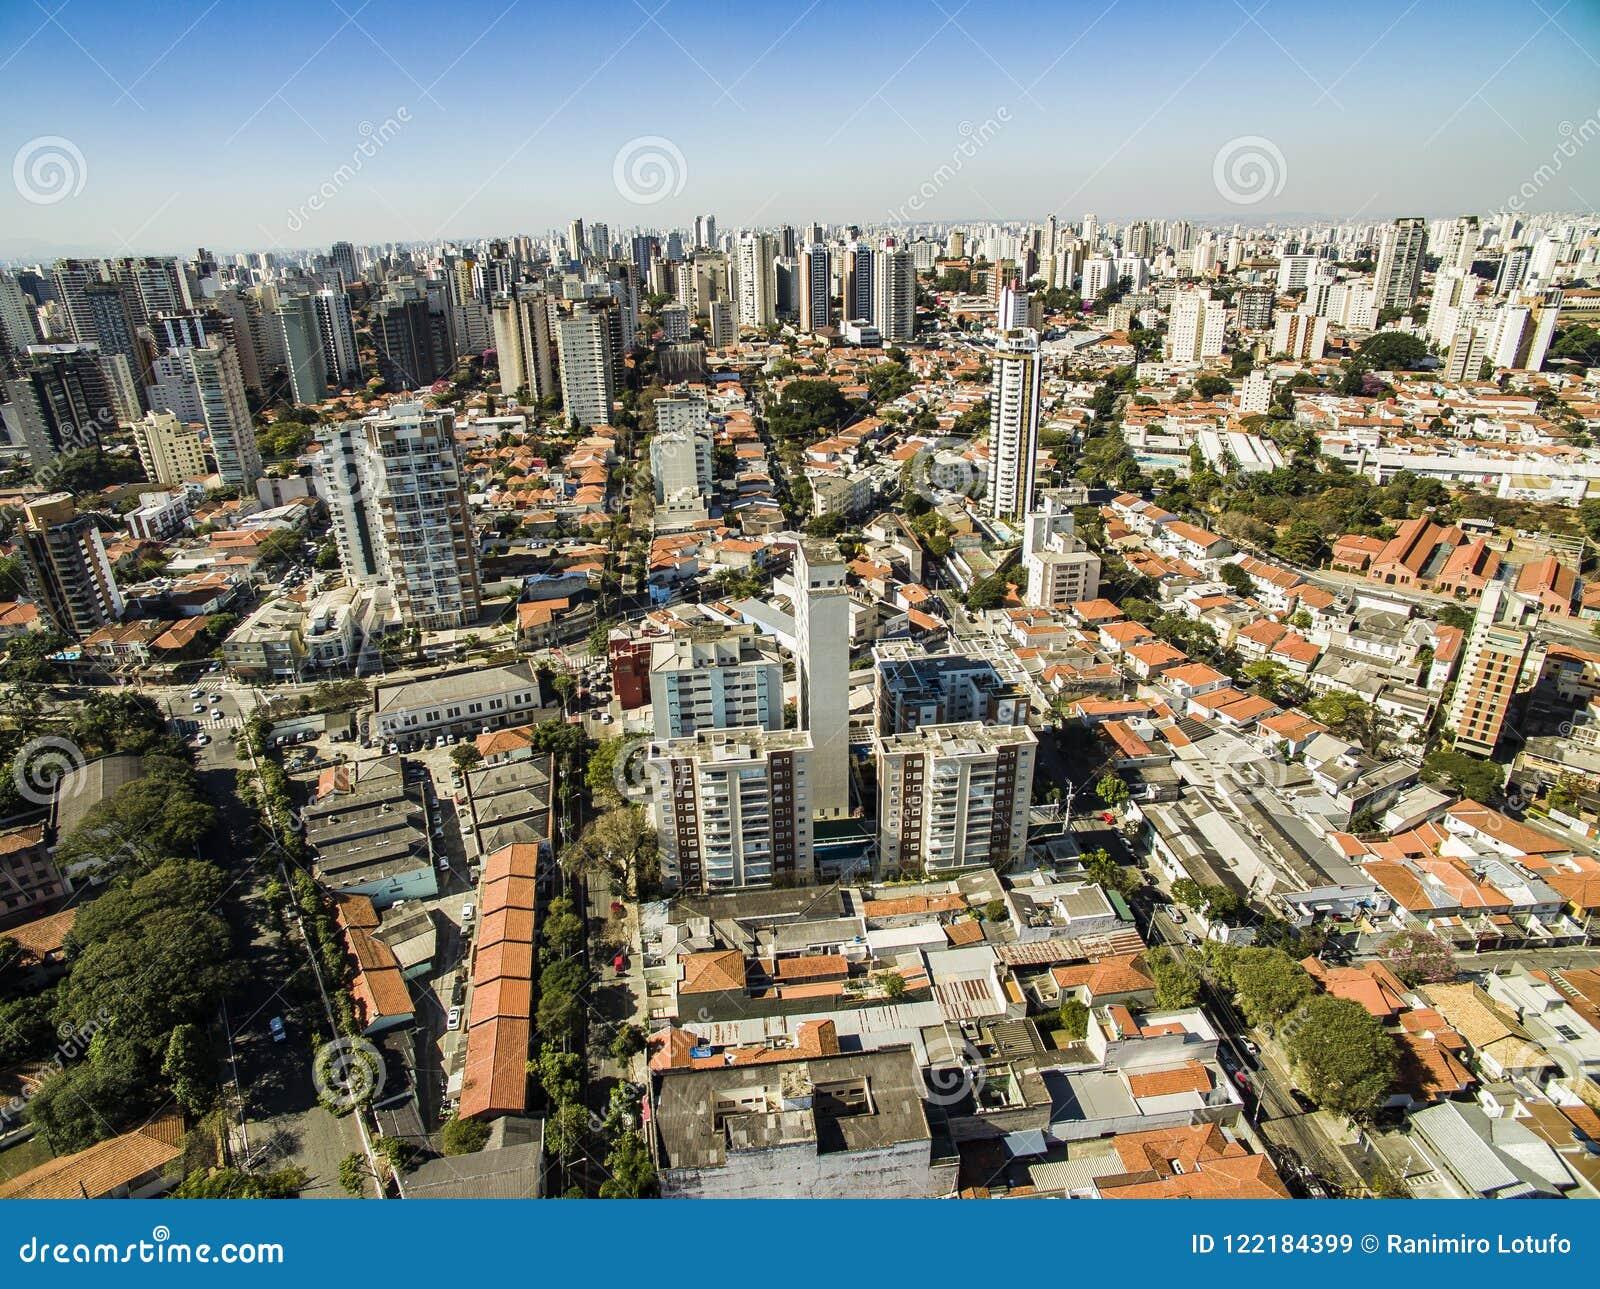 Vue panoramique des bâtiments et des maisons du voisinage de Vila Mariana en São Paulo, Brésil